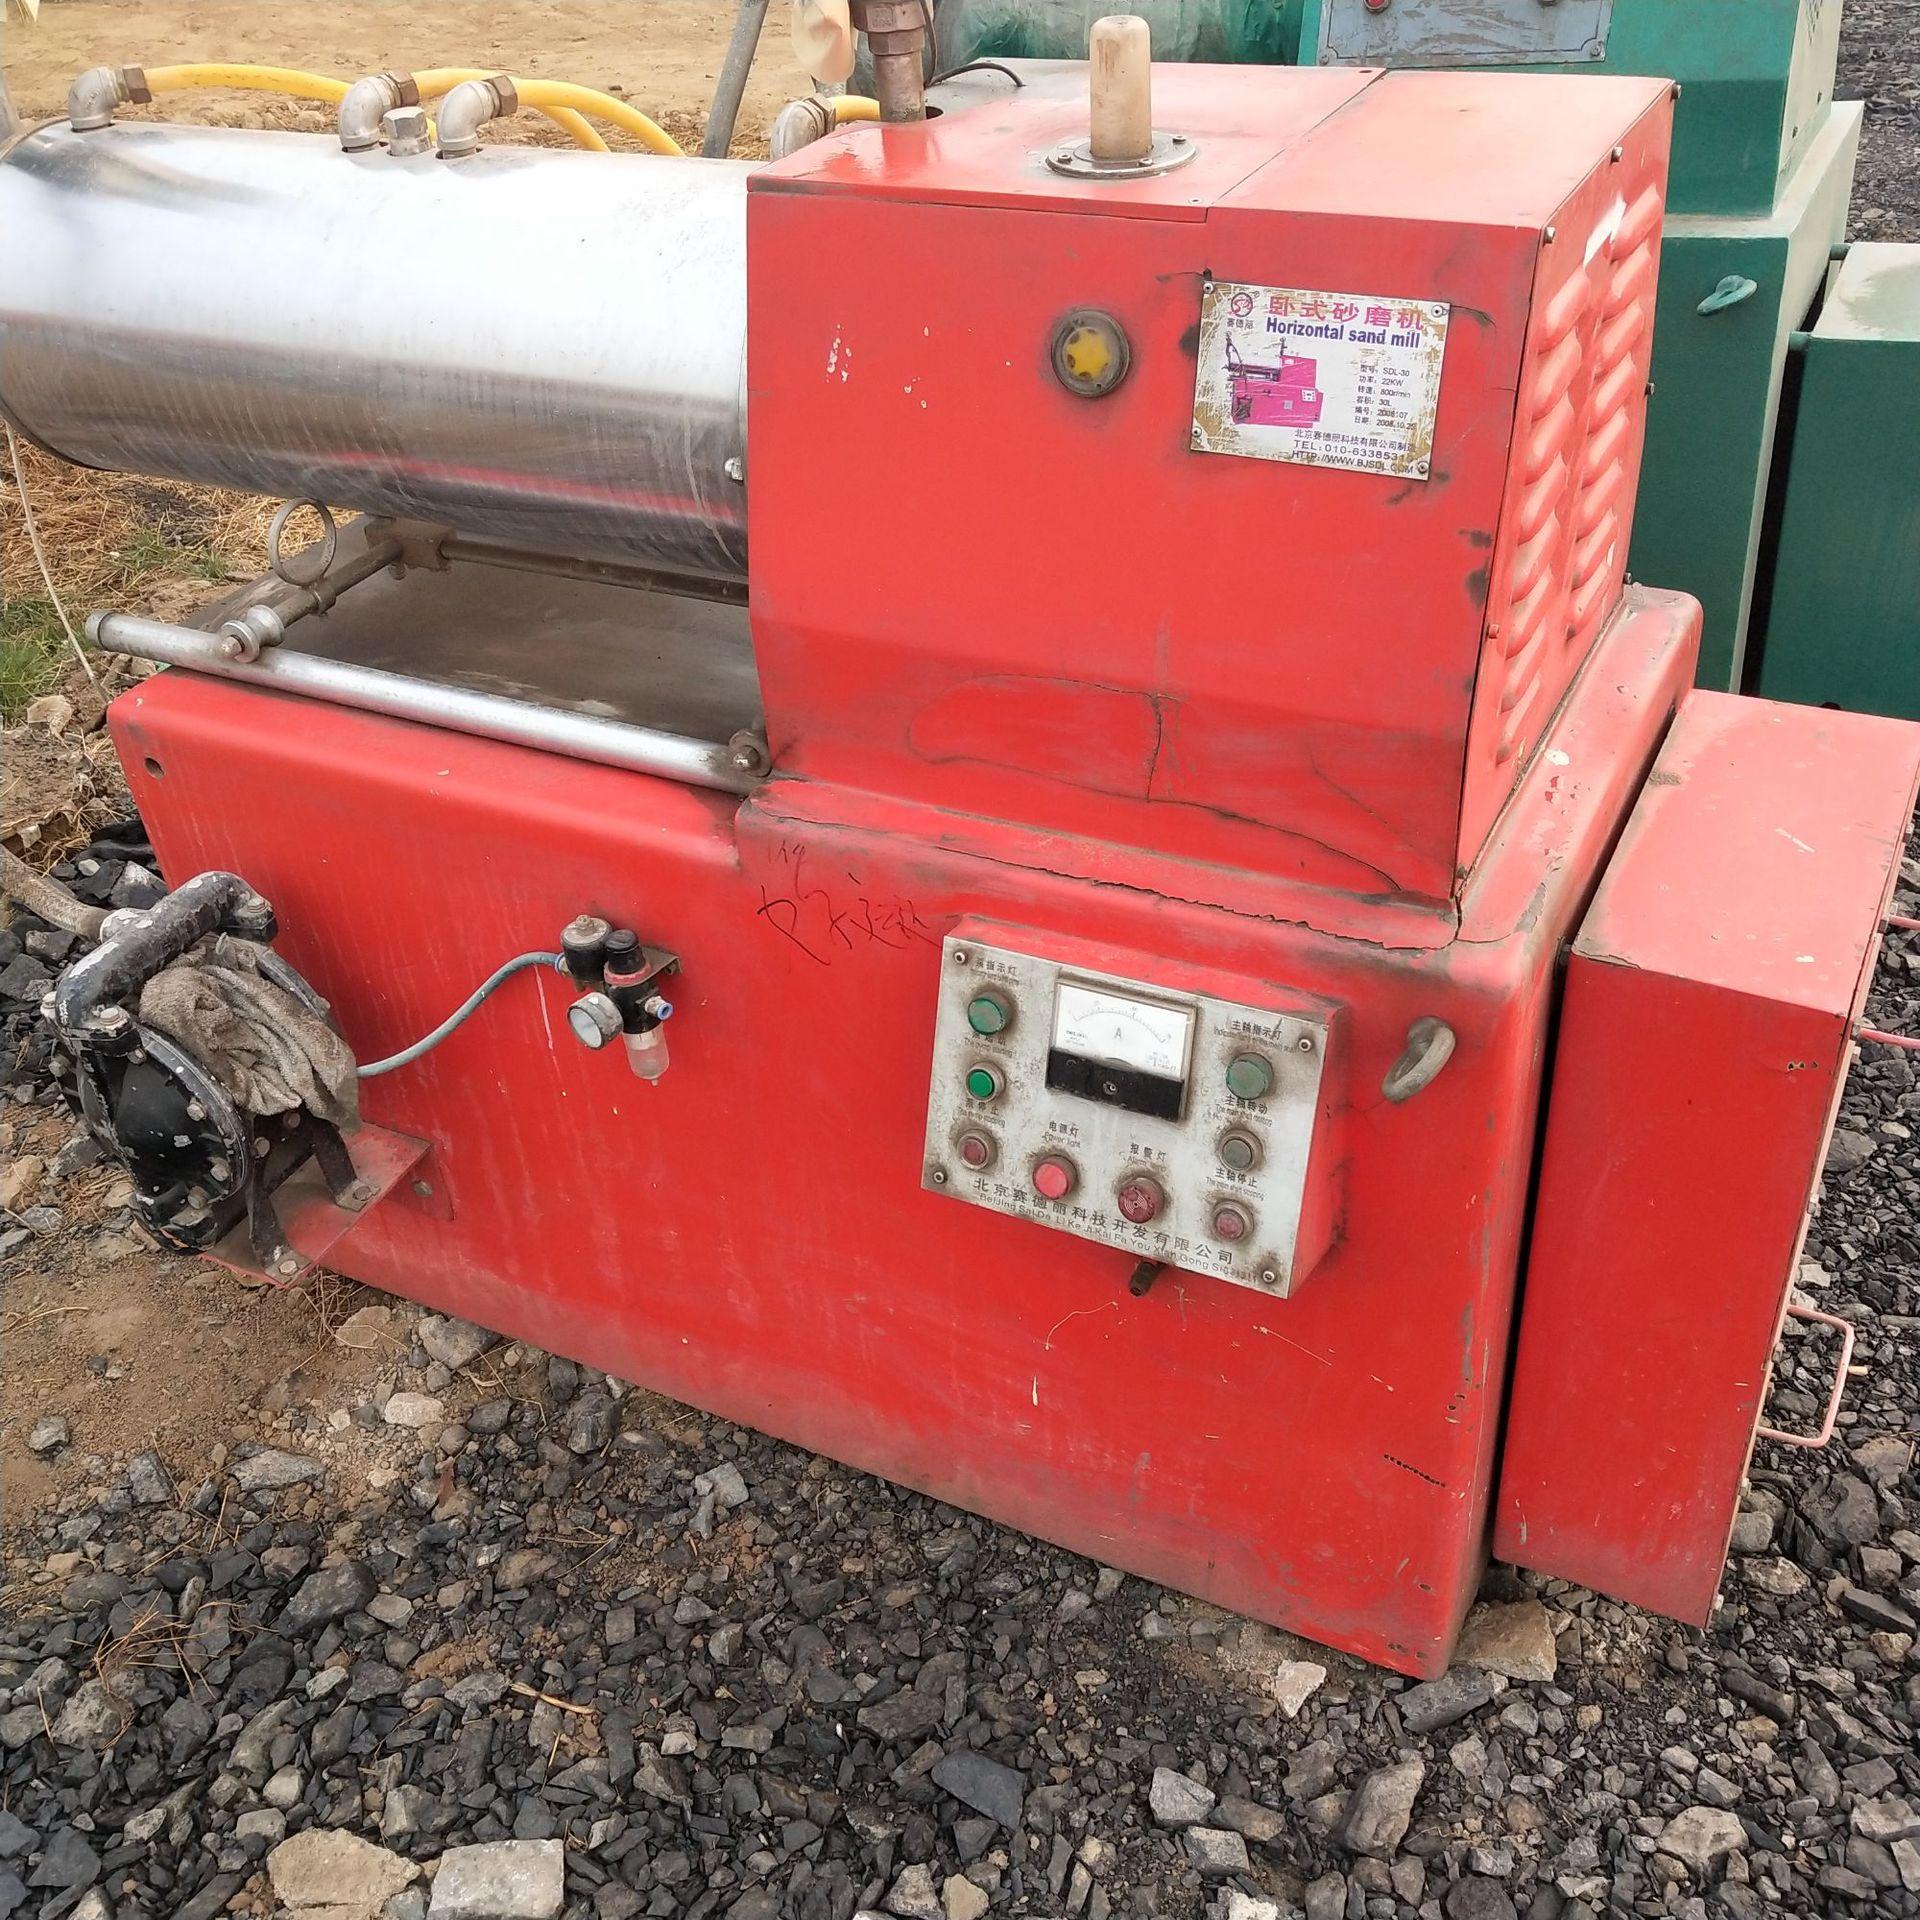 出售二手30升砂磨机 二手22千瓦分散机 二手三滚研磨机示例图5